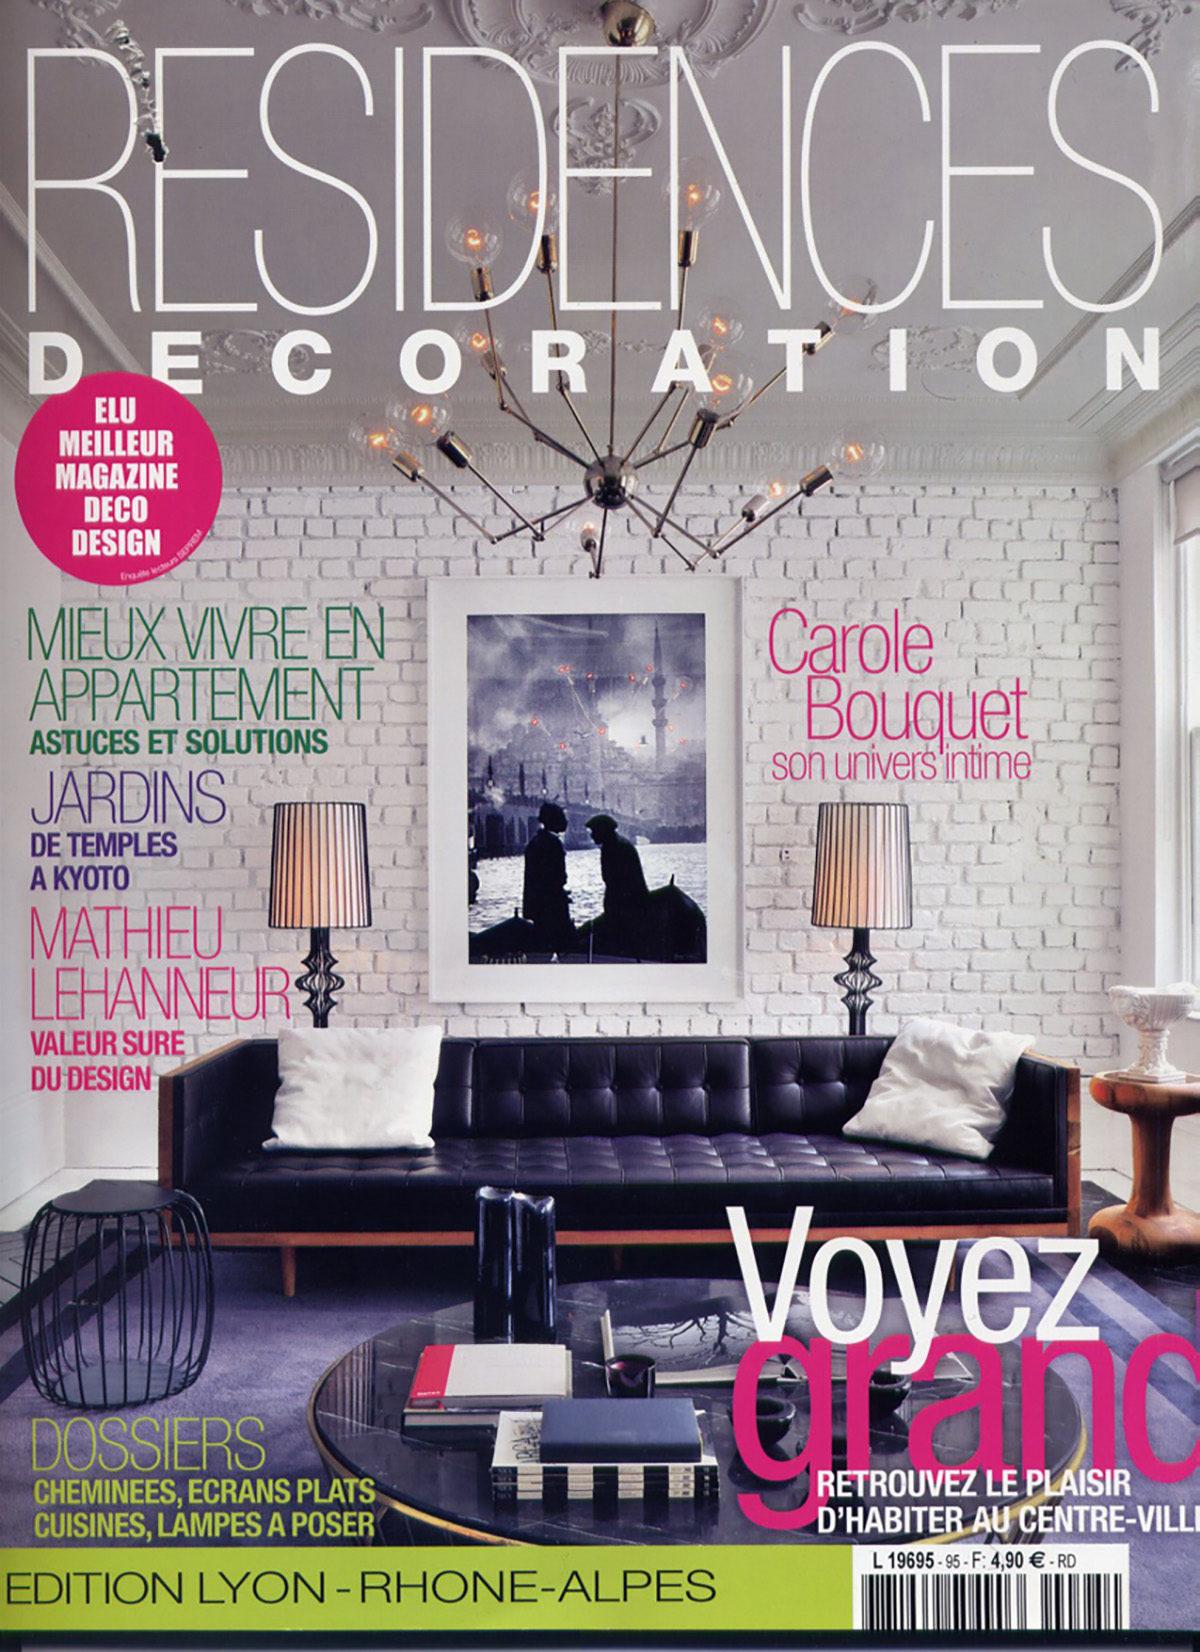 Parution presse résidences décoration 2011 Claude Cartier décoration architecte d'intérieur à Lyon.